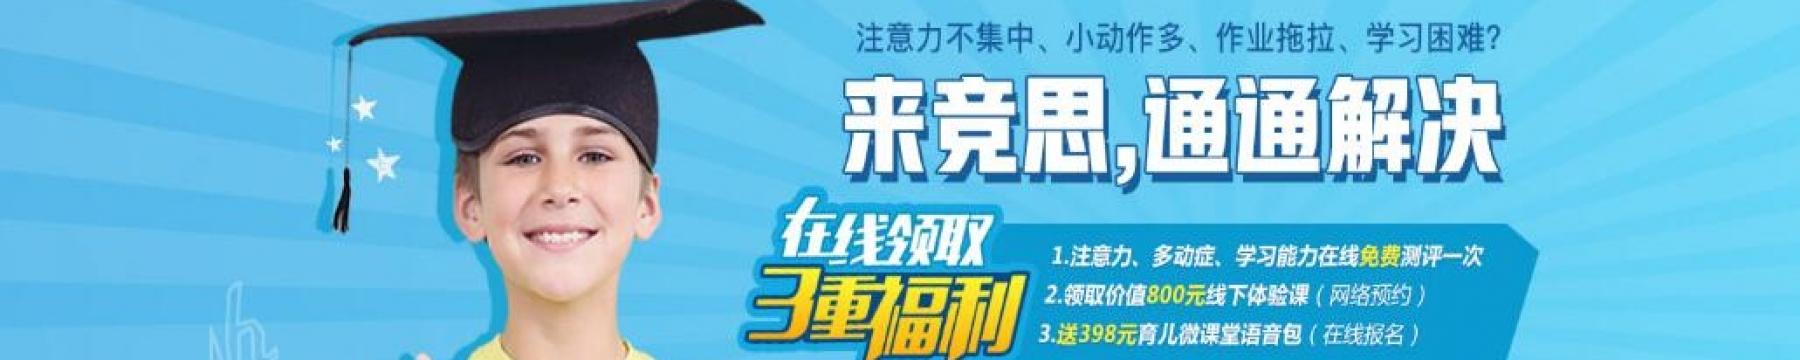 北京竞思素质教育